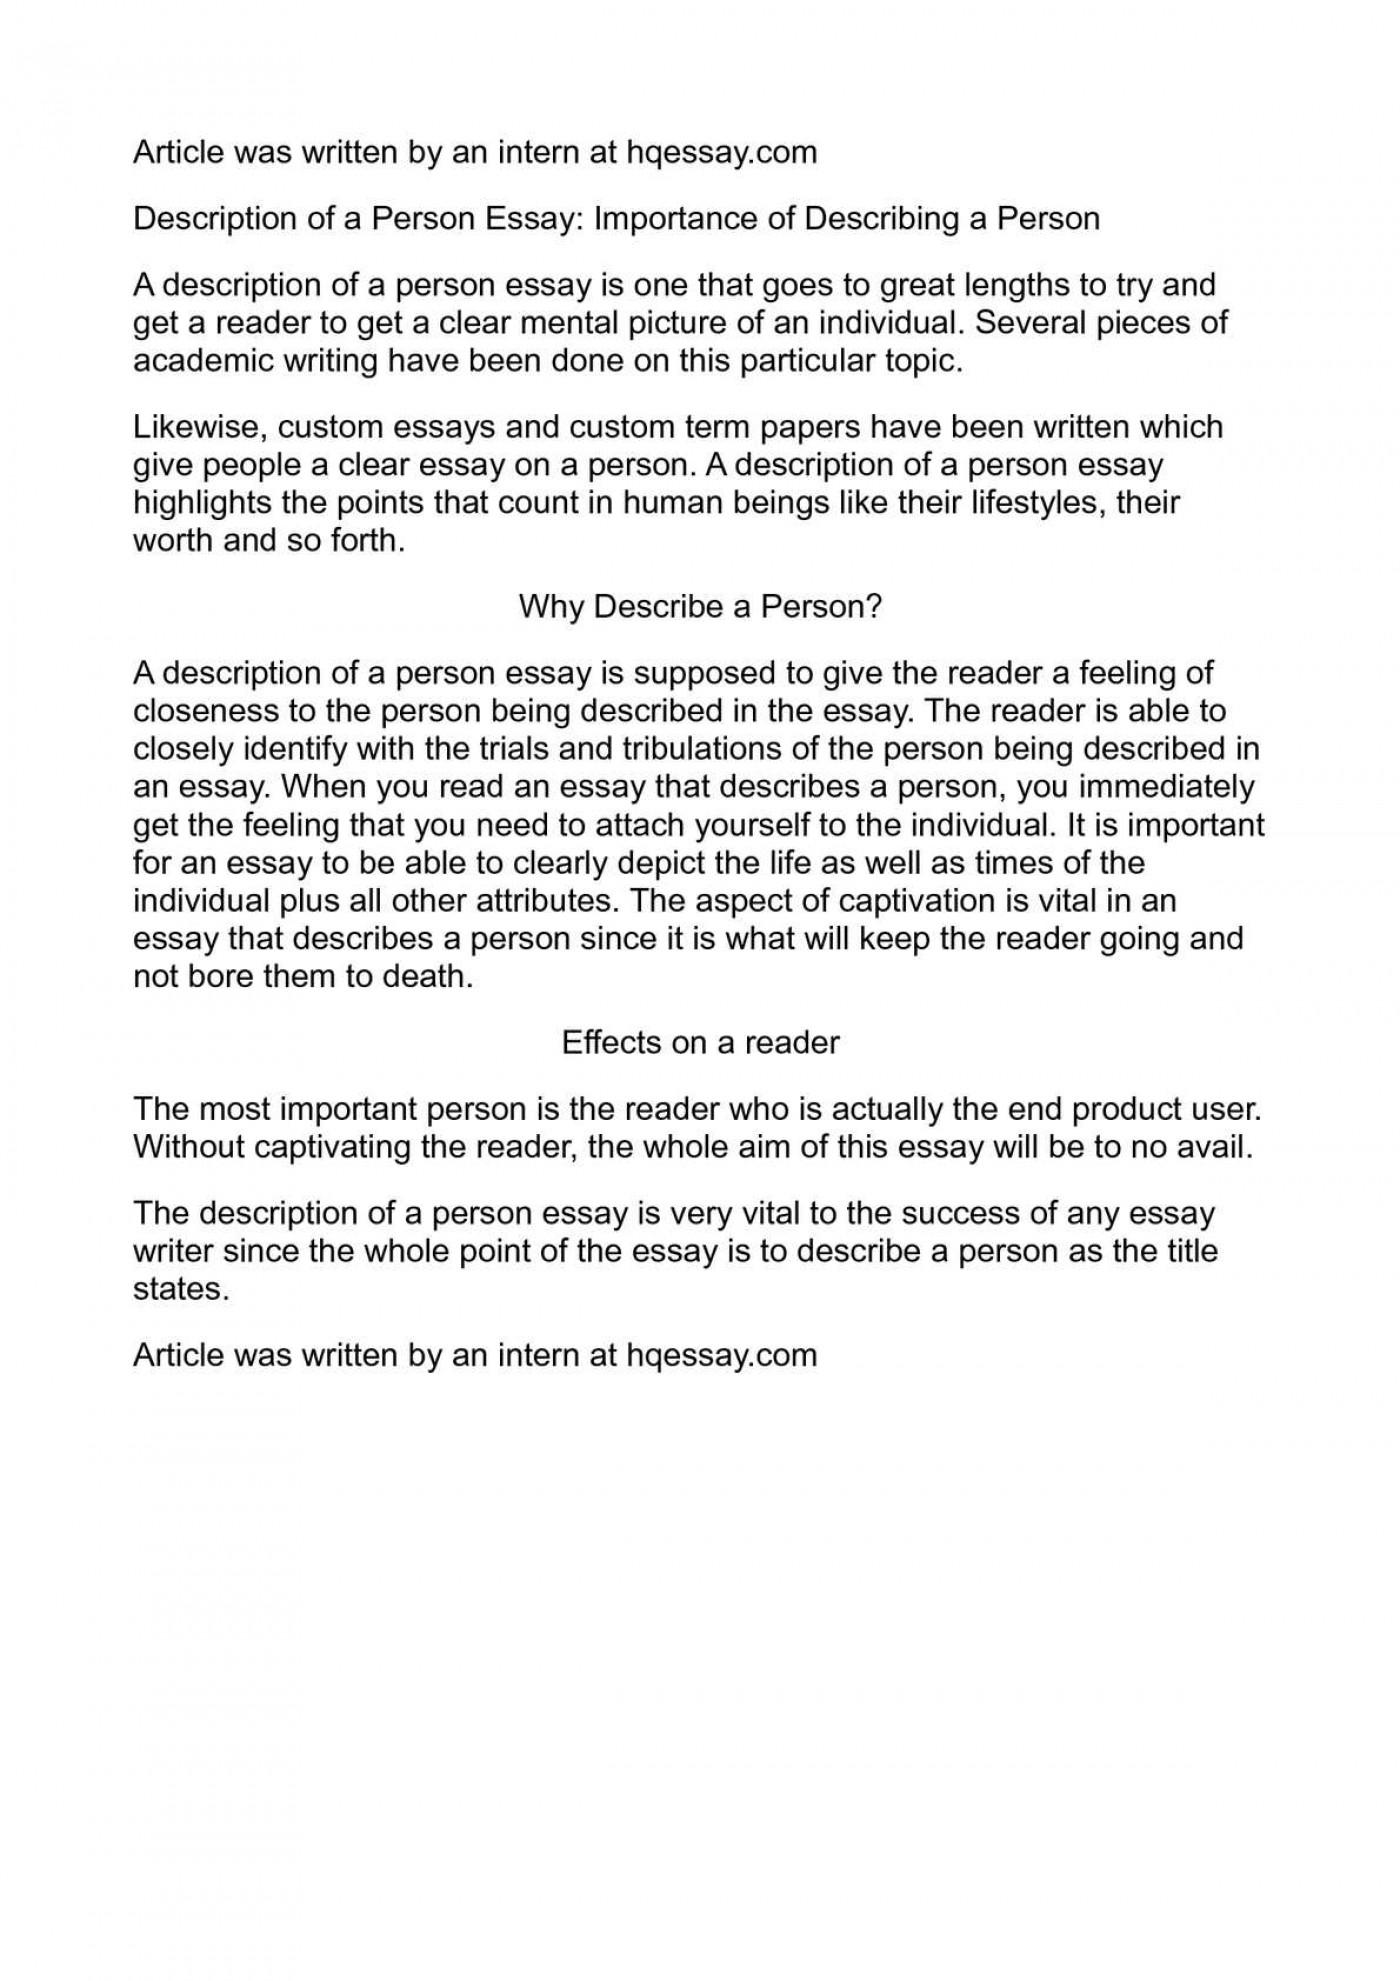 001 P1 Describe Person Essay Remarkable A Strange Successful You Admire Spm 1400